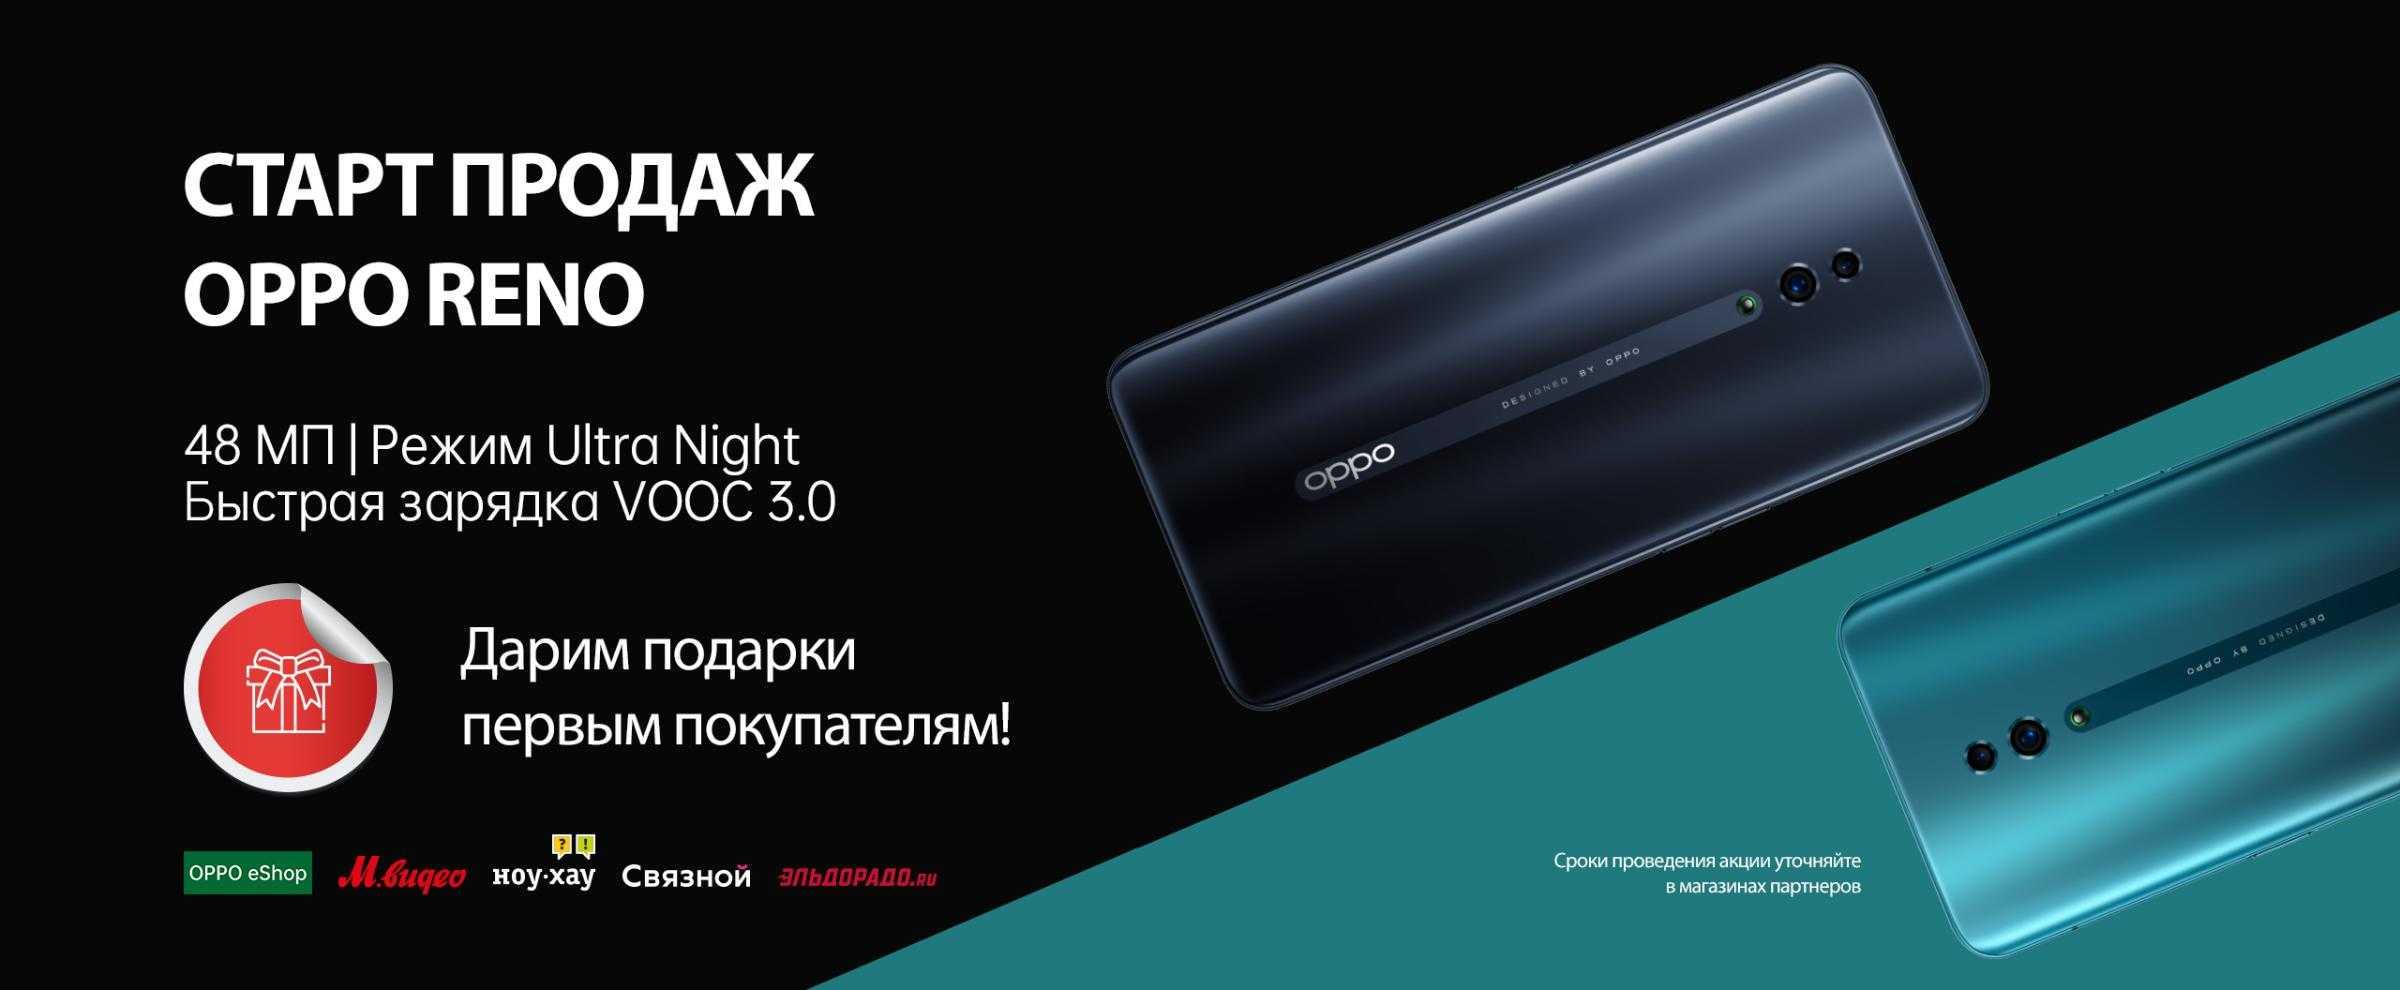 Oppo reno 10x zoom barcelona edition в россии на этой неделе (цена)